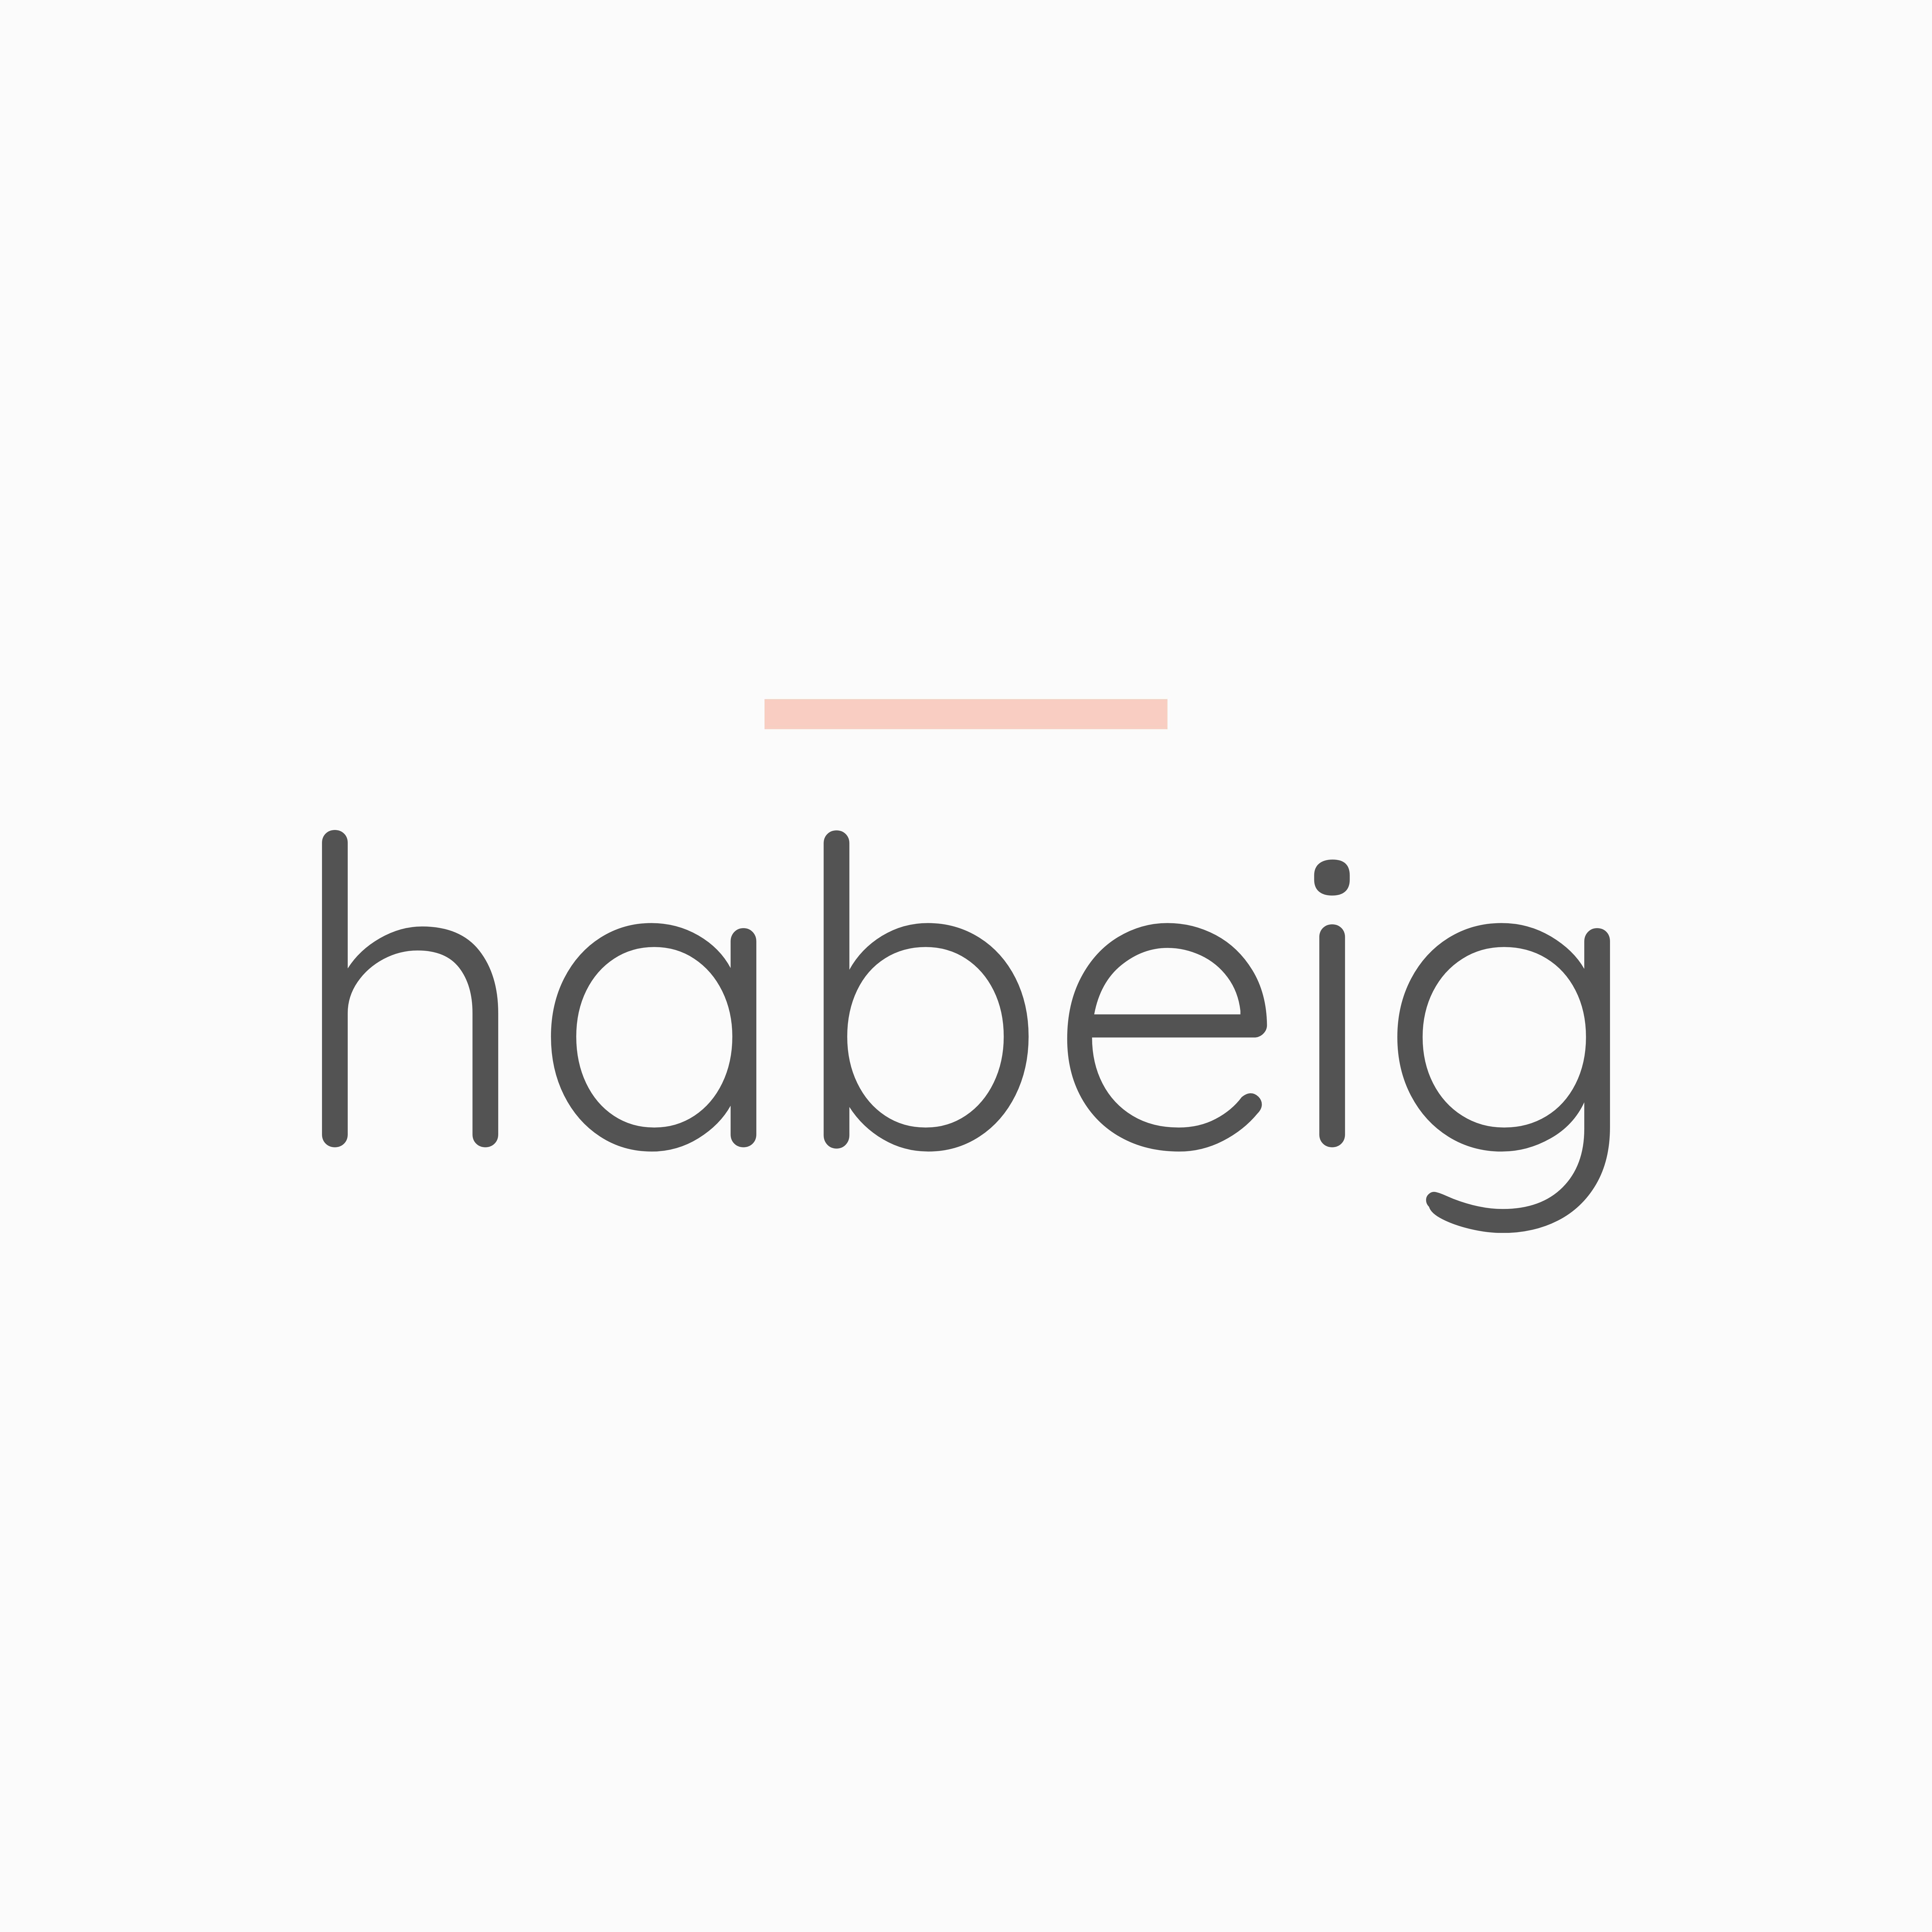 Habeig